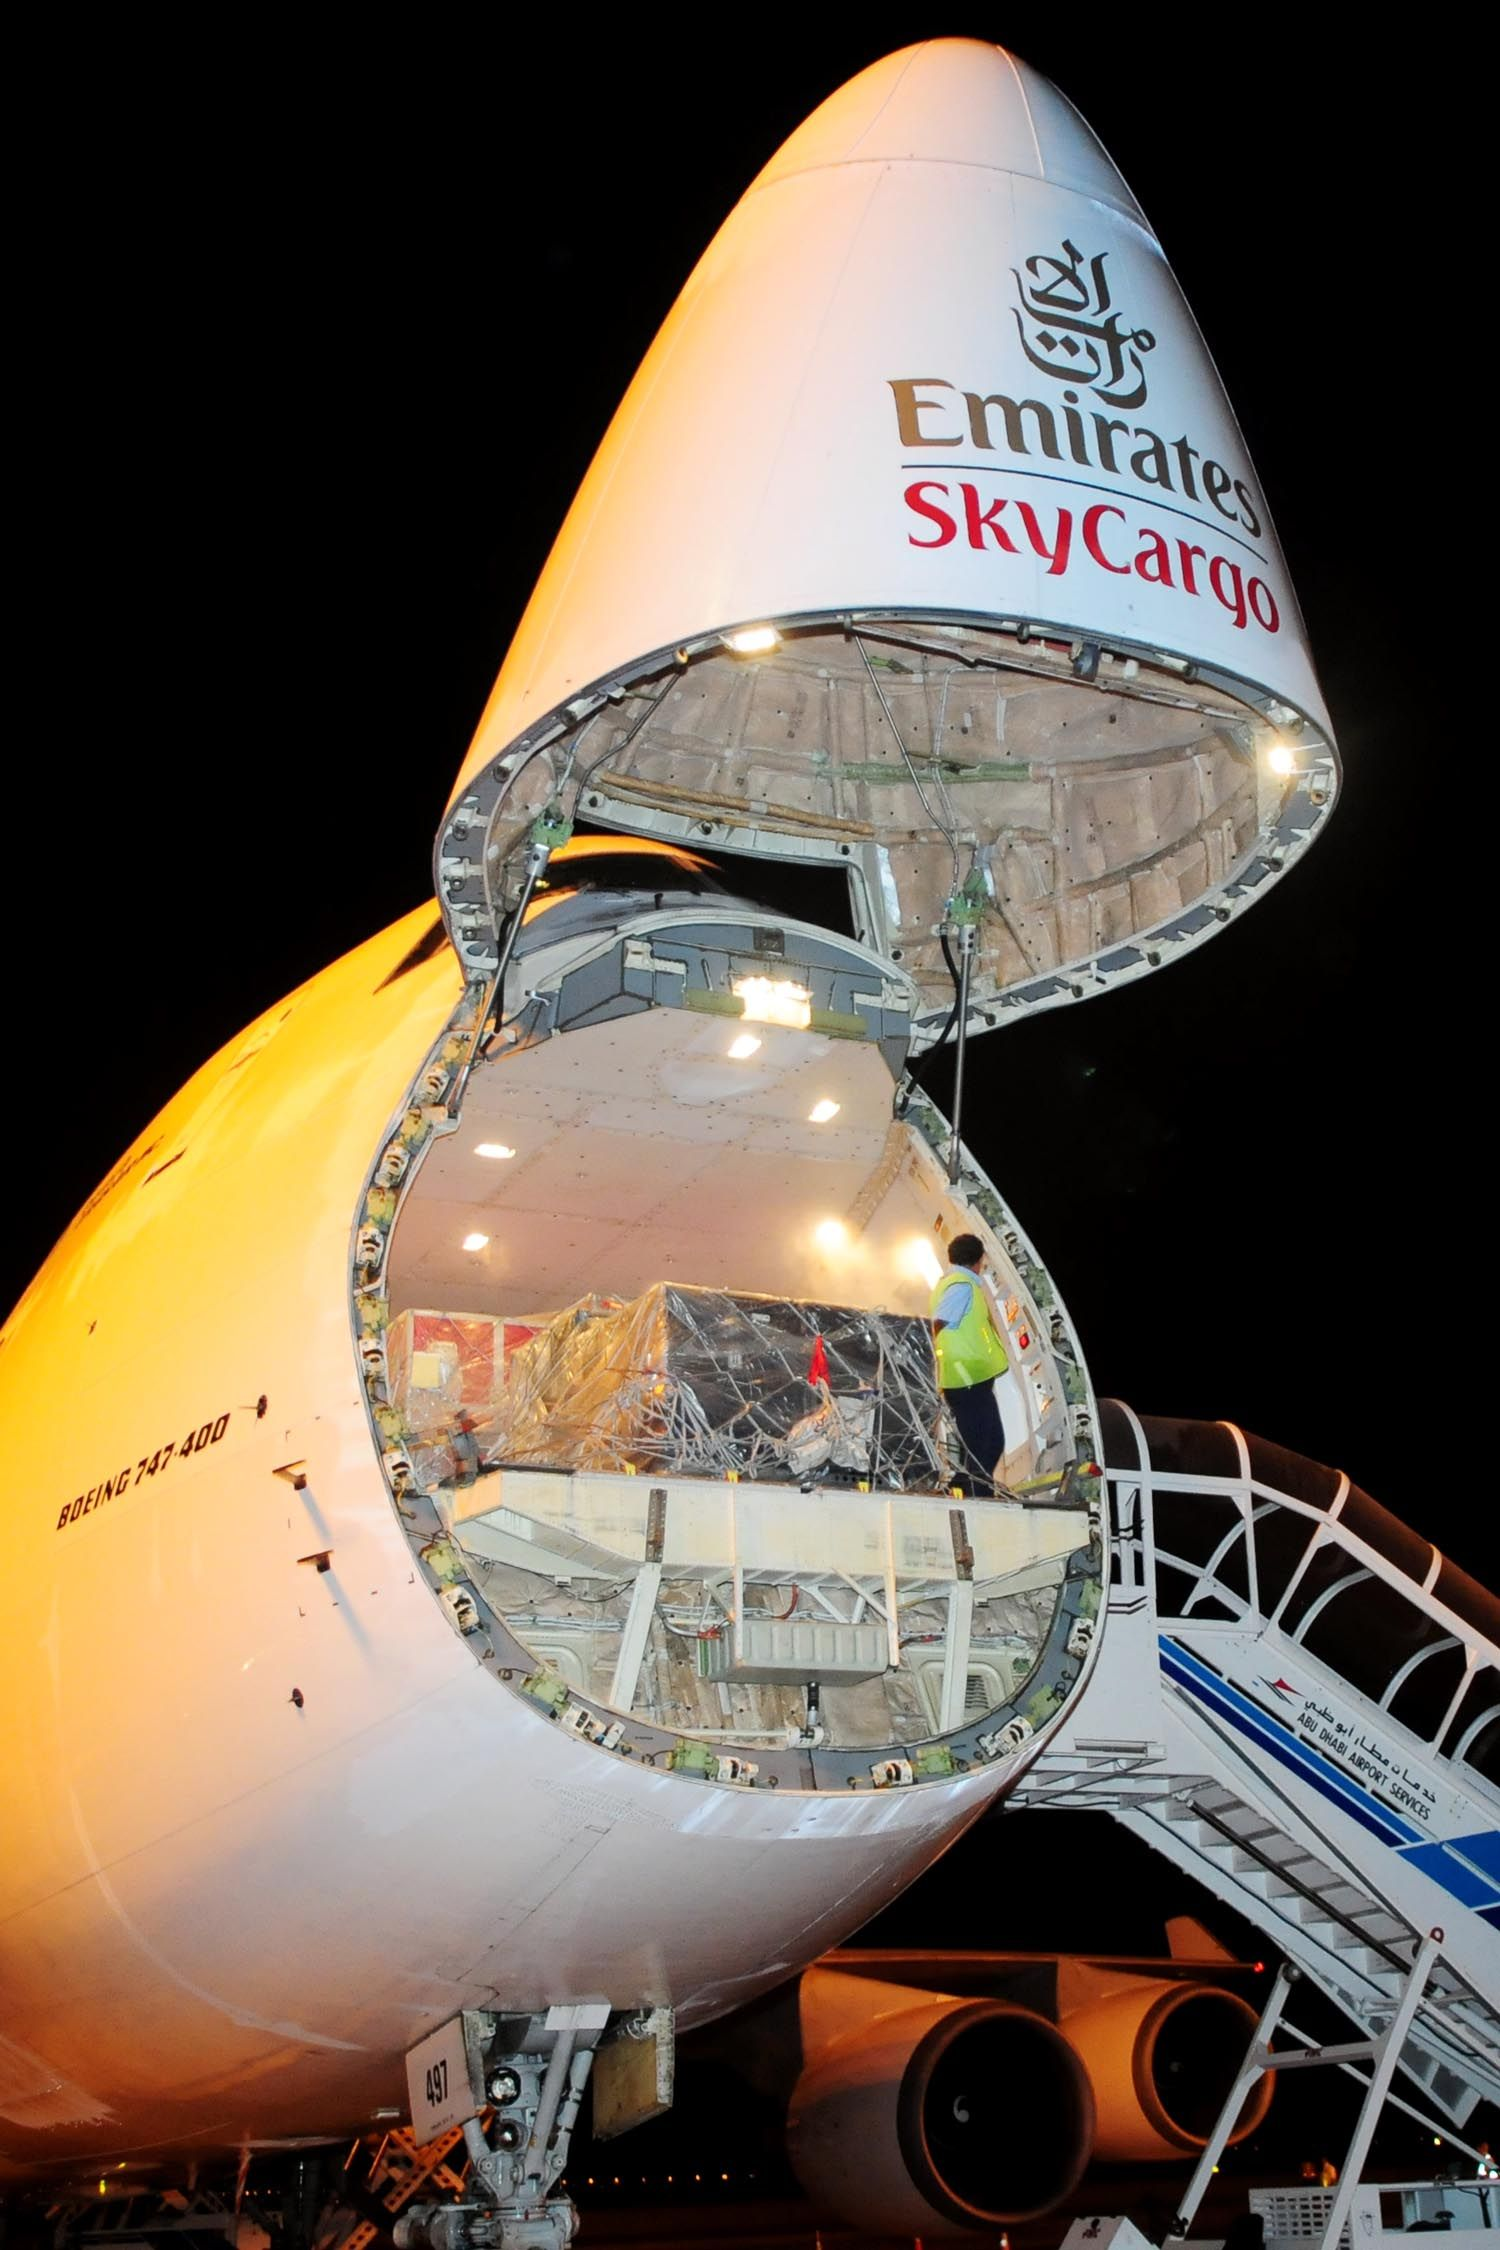 Emirates SkyCargo Boeing 747 freighter Rotor